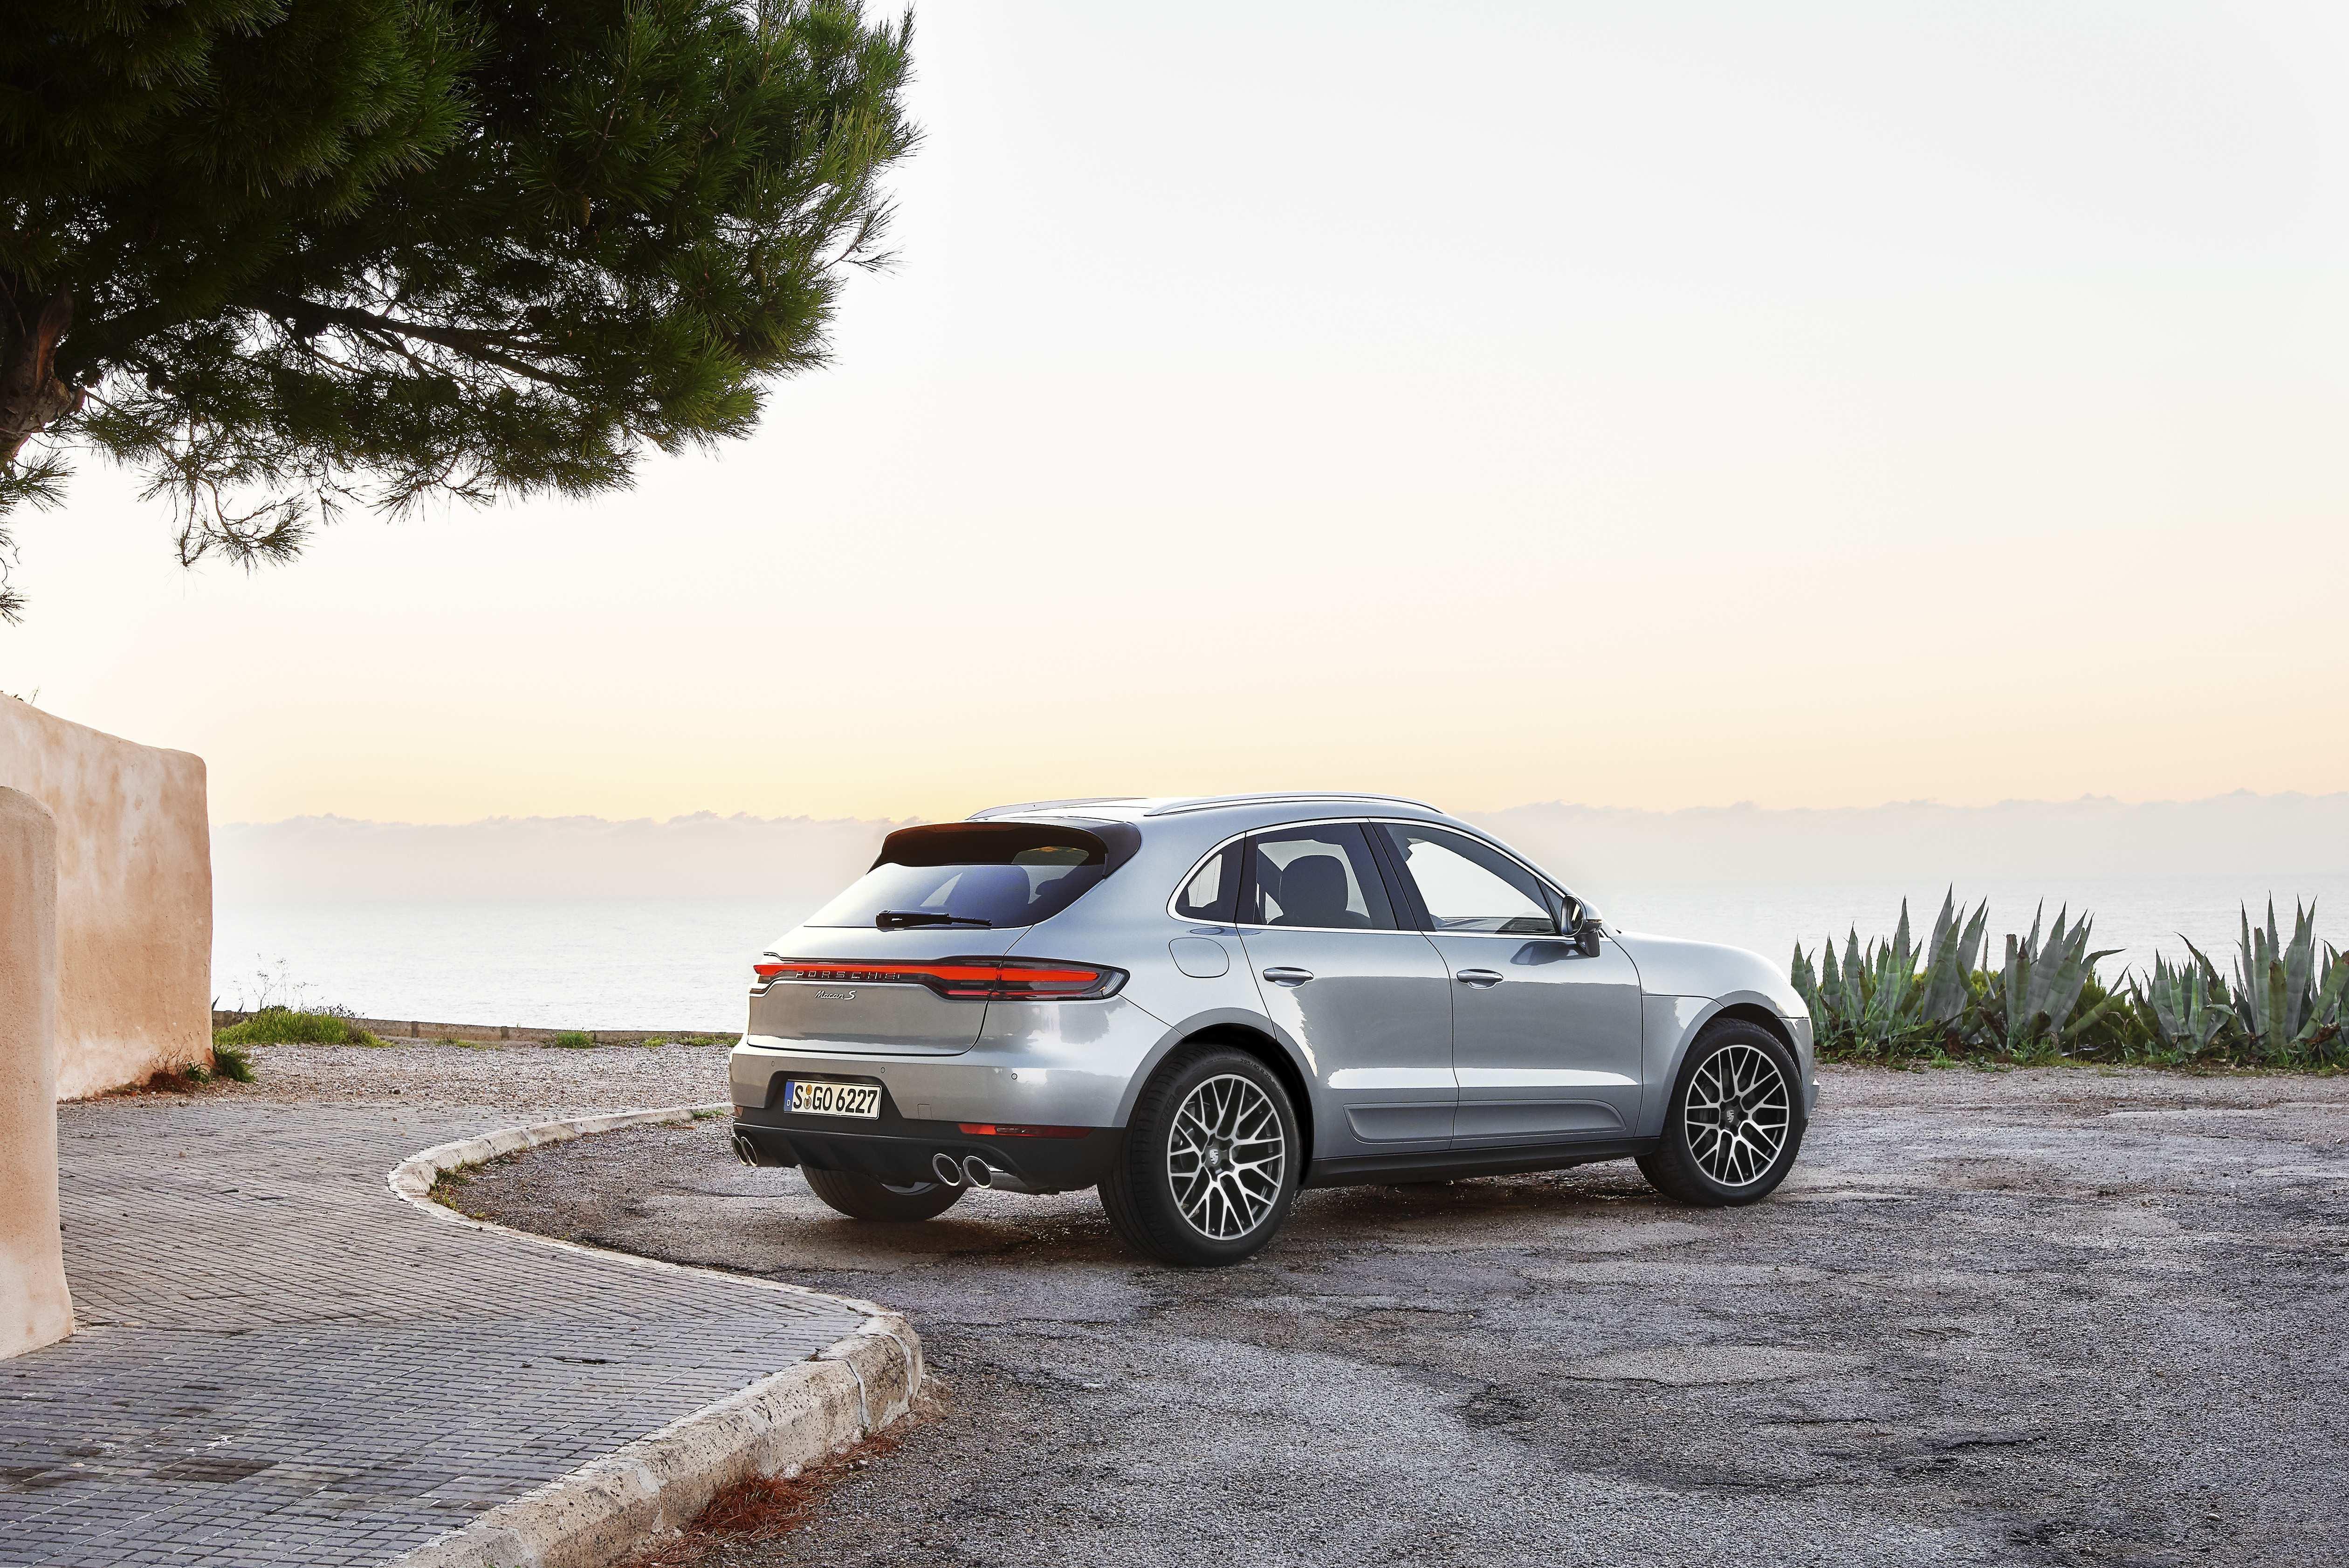 85 The Porsche Pajun 2020 Price and Review for Porsche Pajun 2020